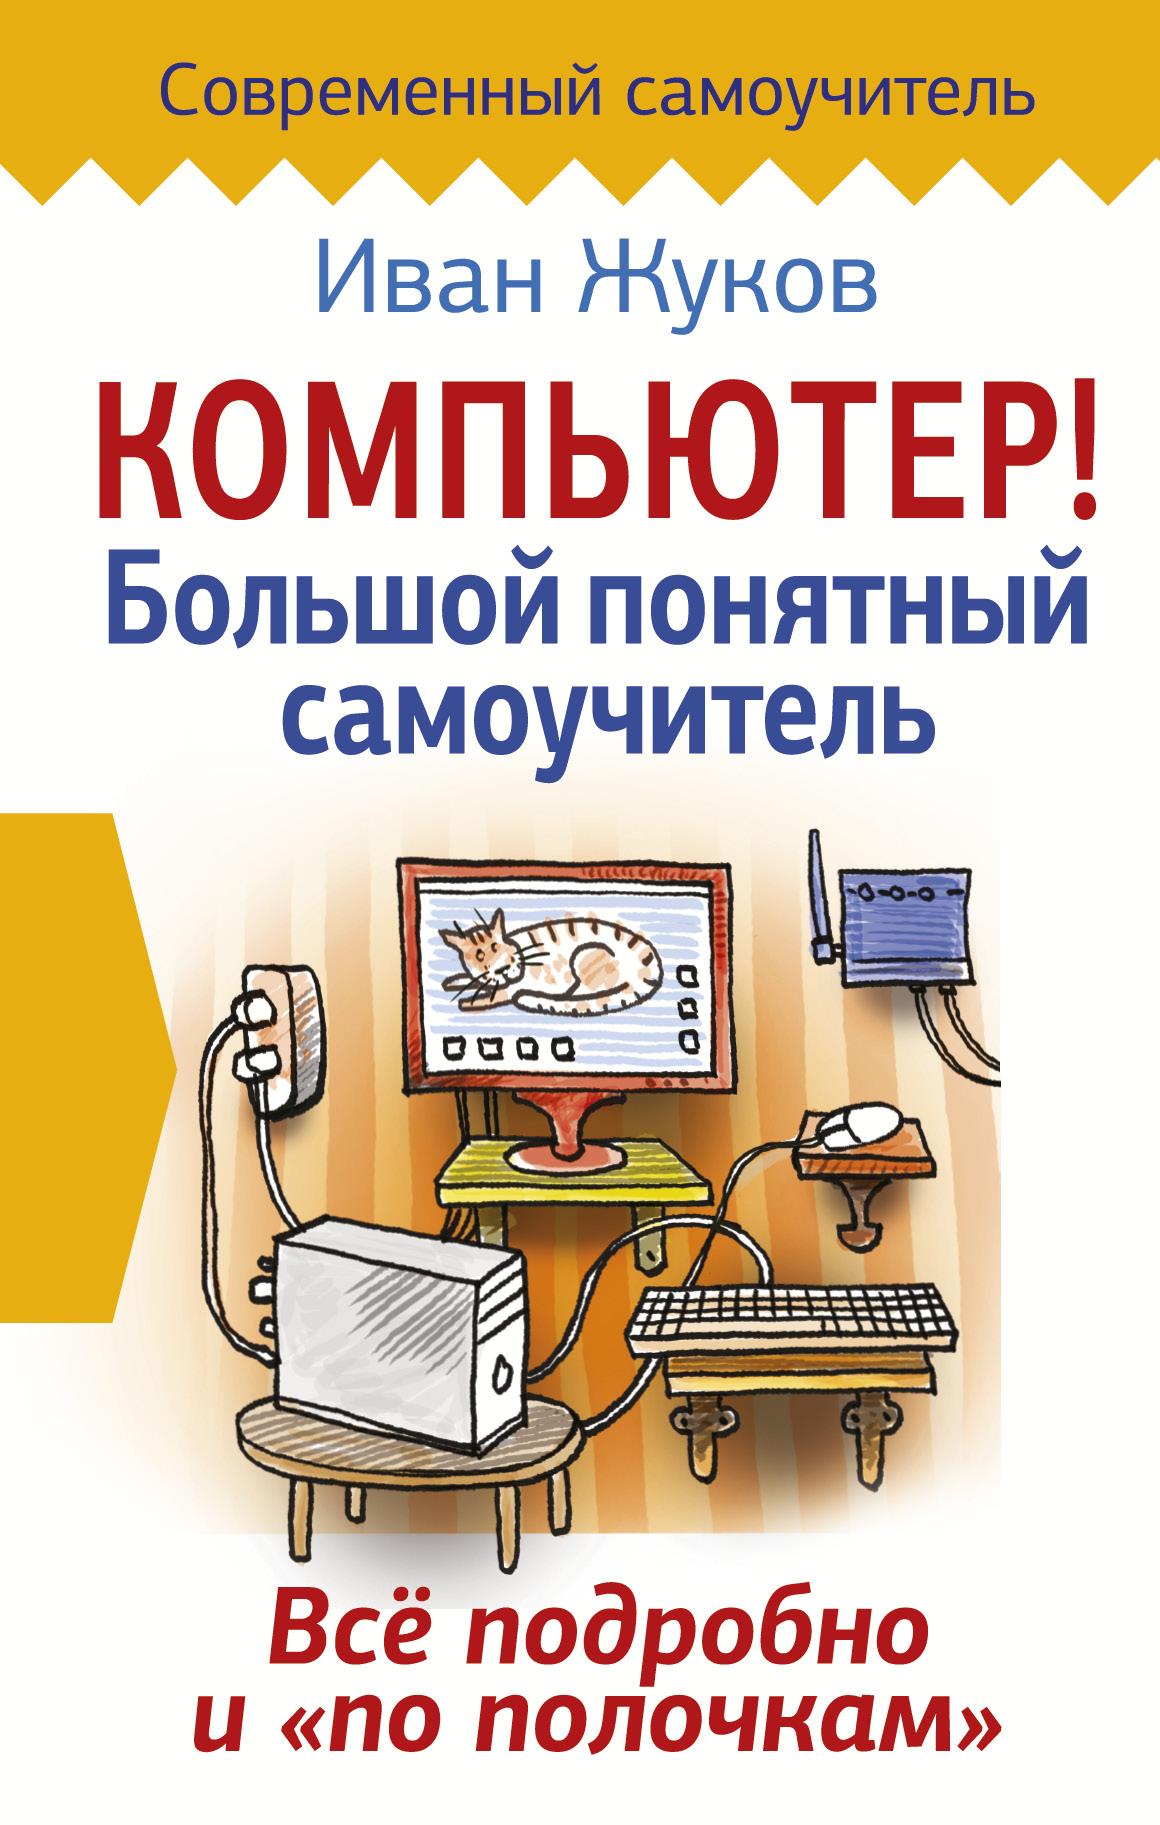 Иван Жуков Компьютер! Большой понятный самоучитель. Все подробно и «по полочкам» компьютер